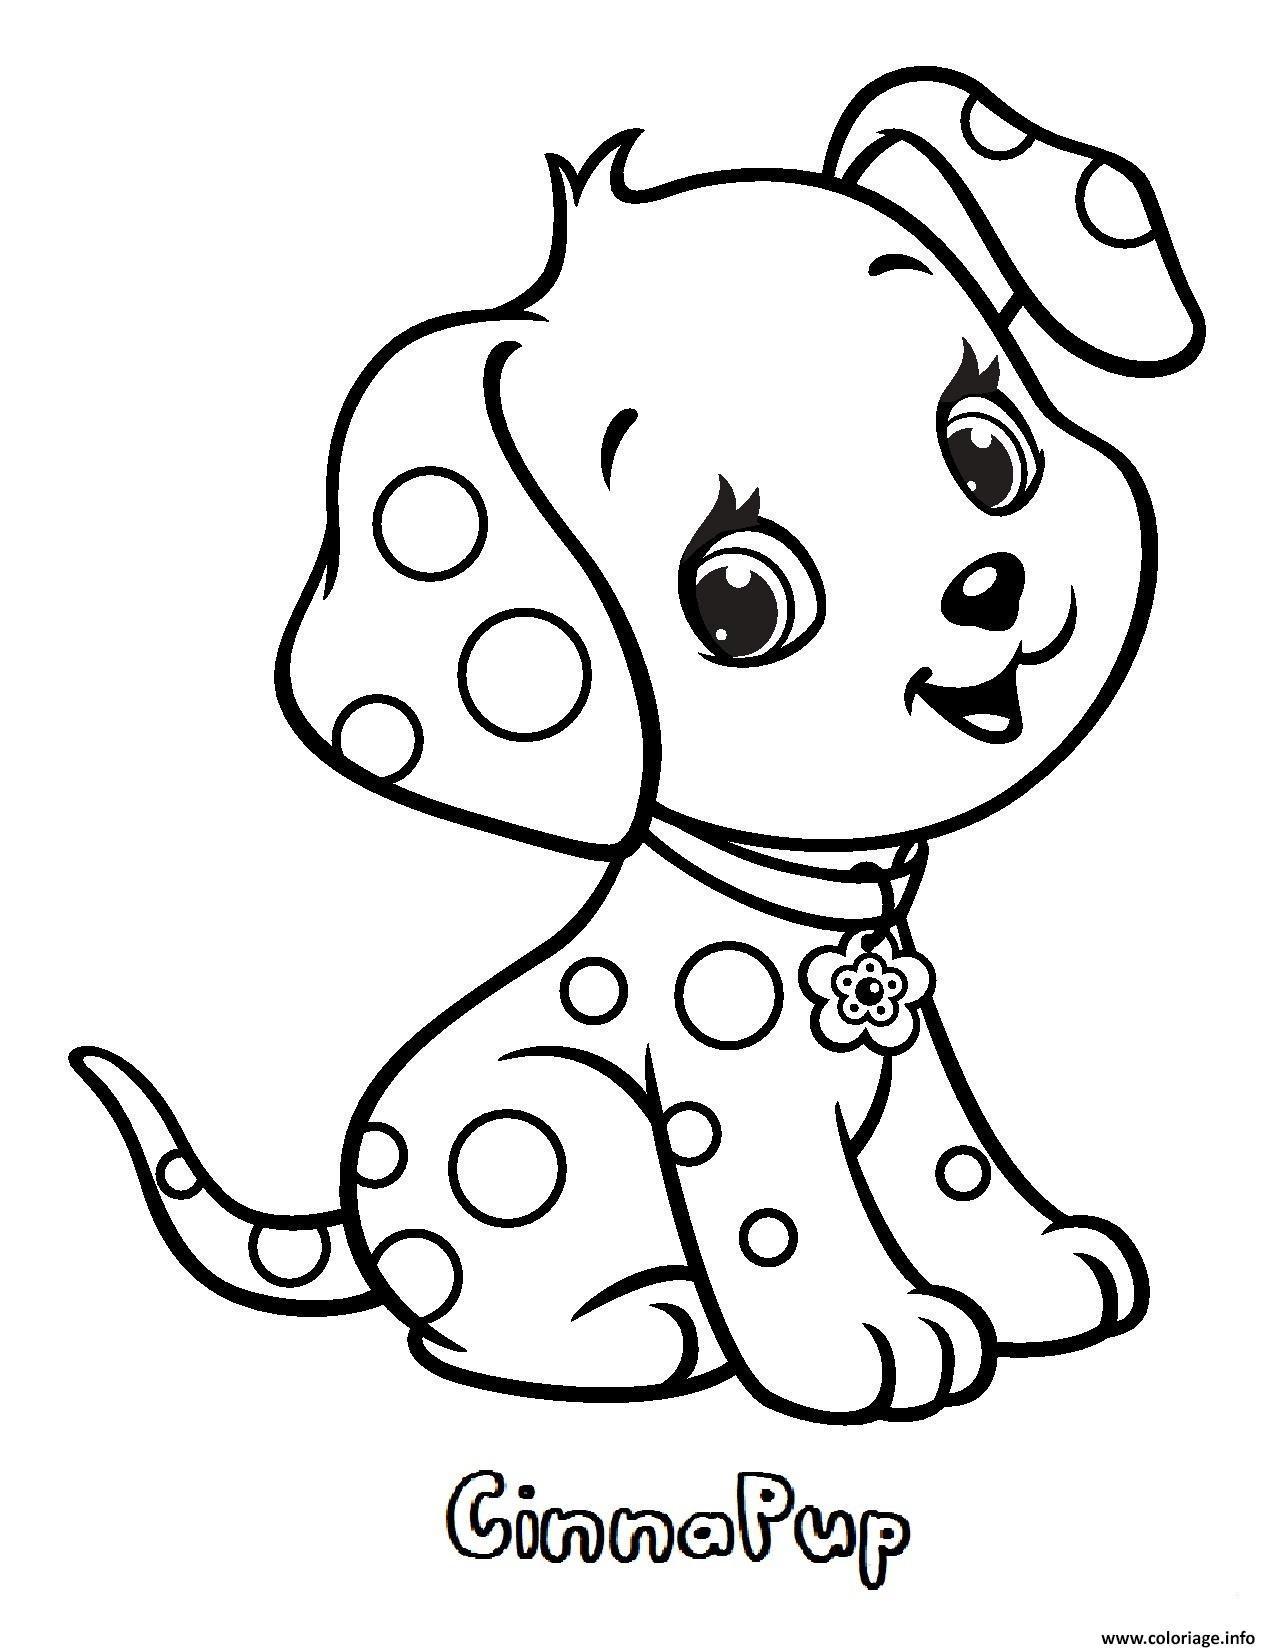 Coloriages À Imprimer : Animaux, Numéro : 561E3981 destiné Coloriage À Imprimer Animaux